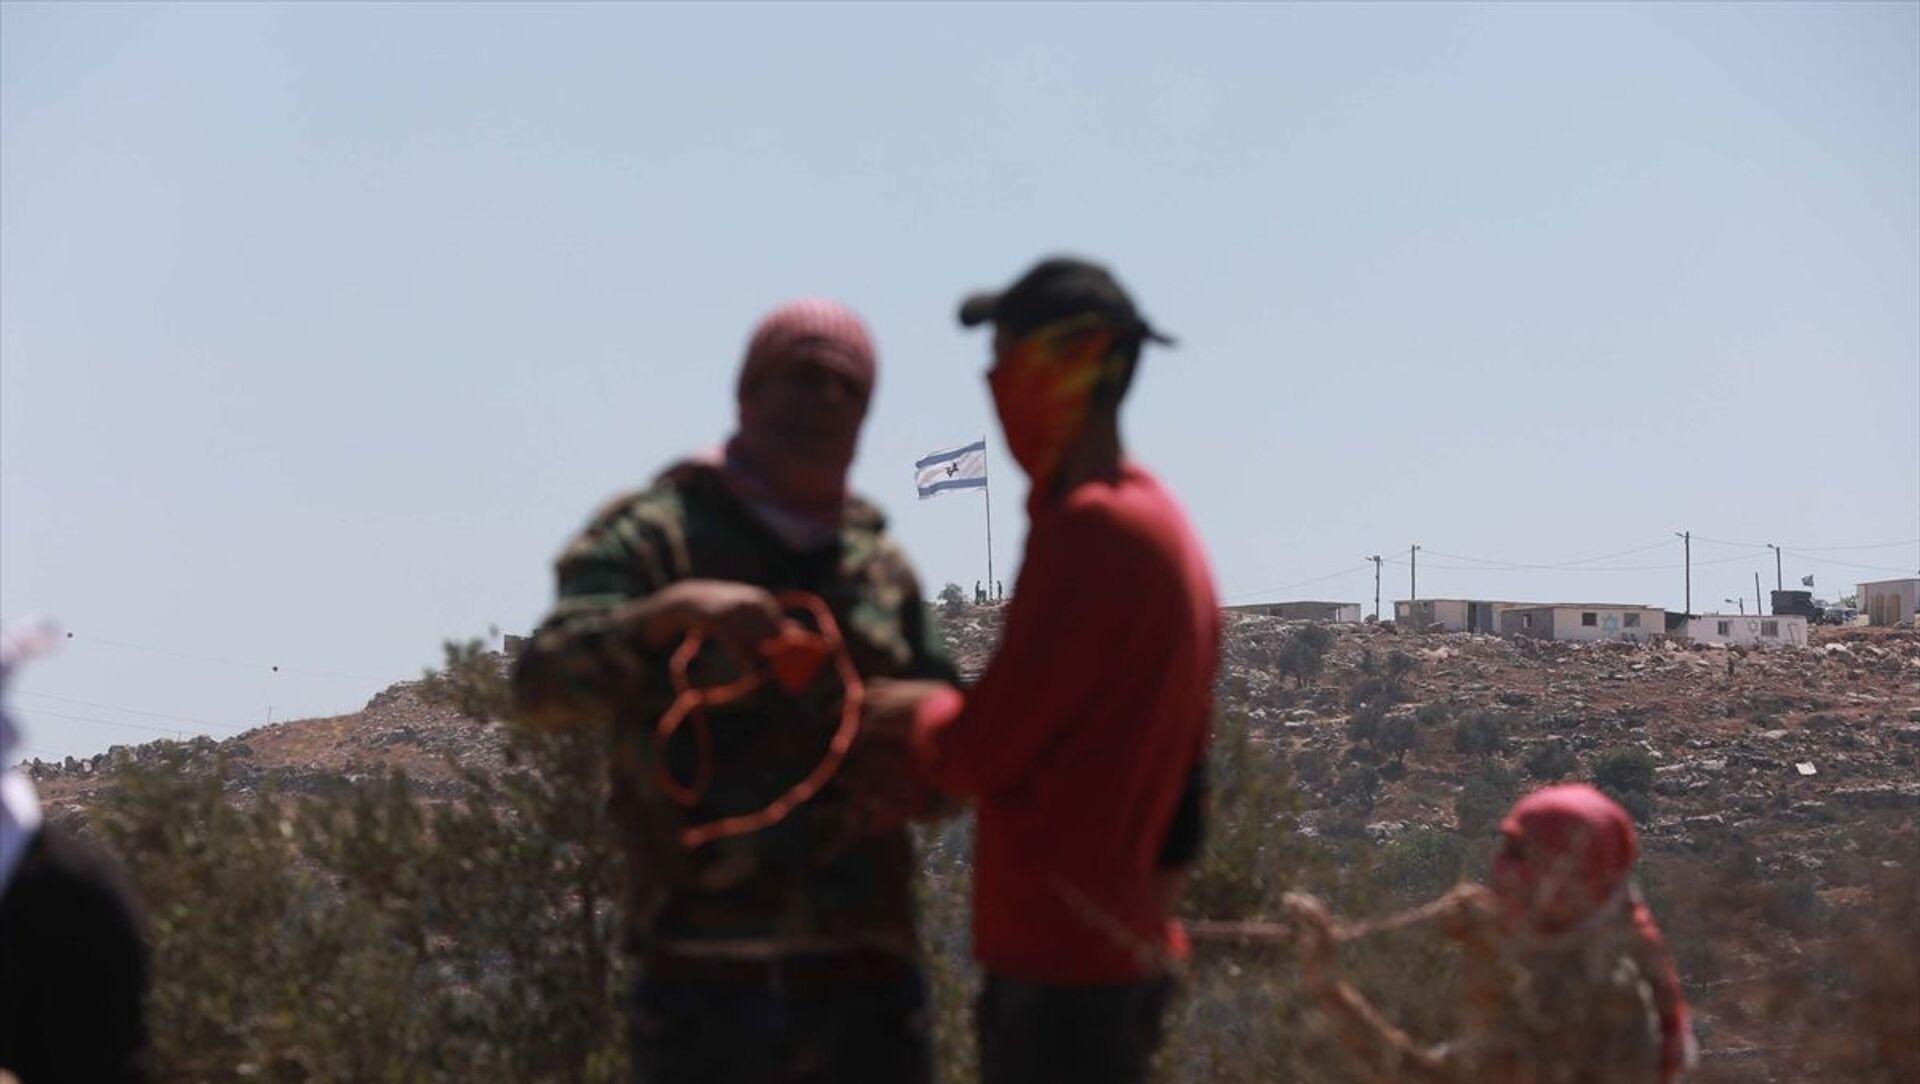 Batı Şeria'nın Nablus kentine bağlı Beyta beldesinde toplanan bir grup Filistinli, yasa dışı Yahudi yerleşim birimleri karşıtı gösteri düzenledi. İsrail güçlerinin göstericilere müdahale etmesi üzerine Filistinliler, bölgede taş atarak karşılık verdi. - Sputnik Türkiye, 1920, 02.07.2021